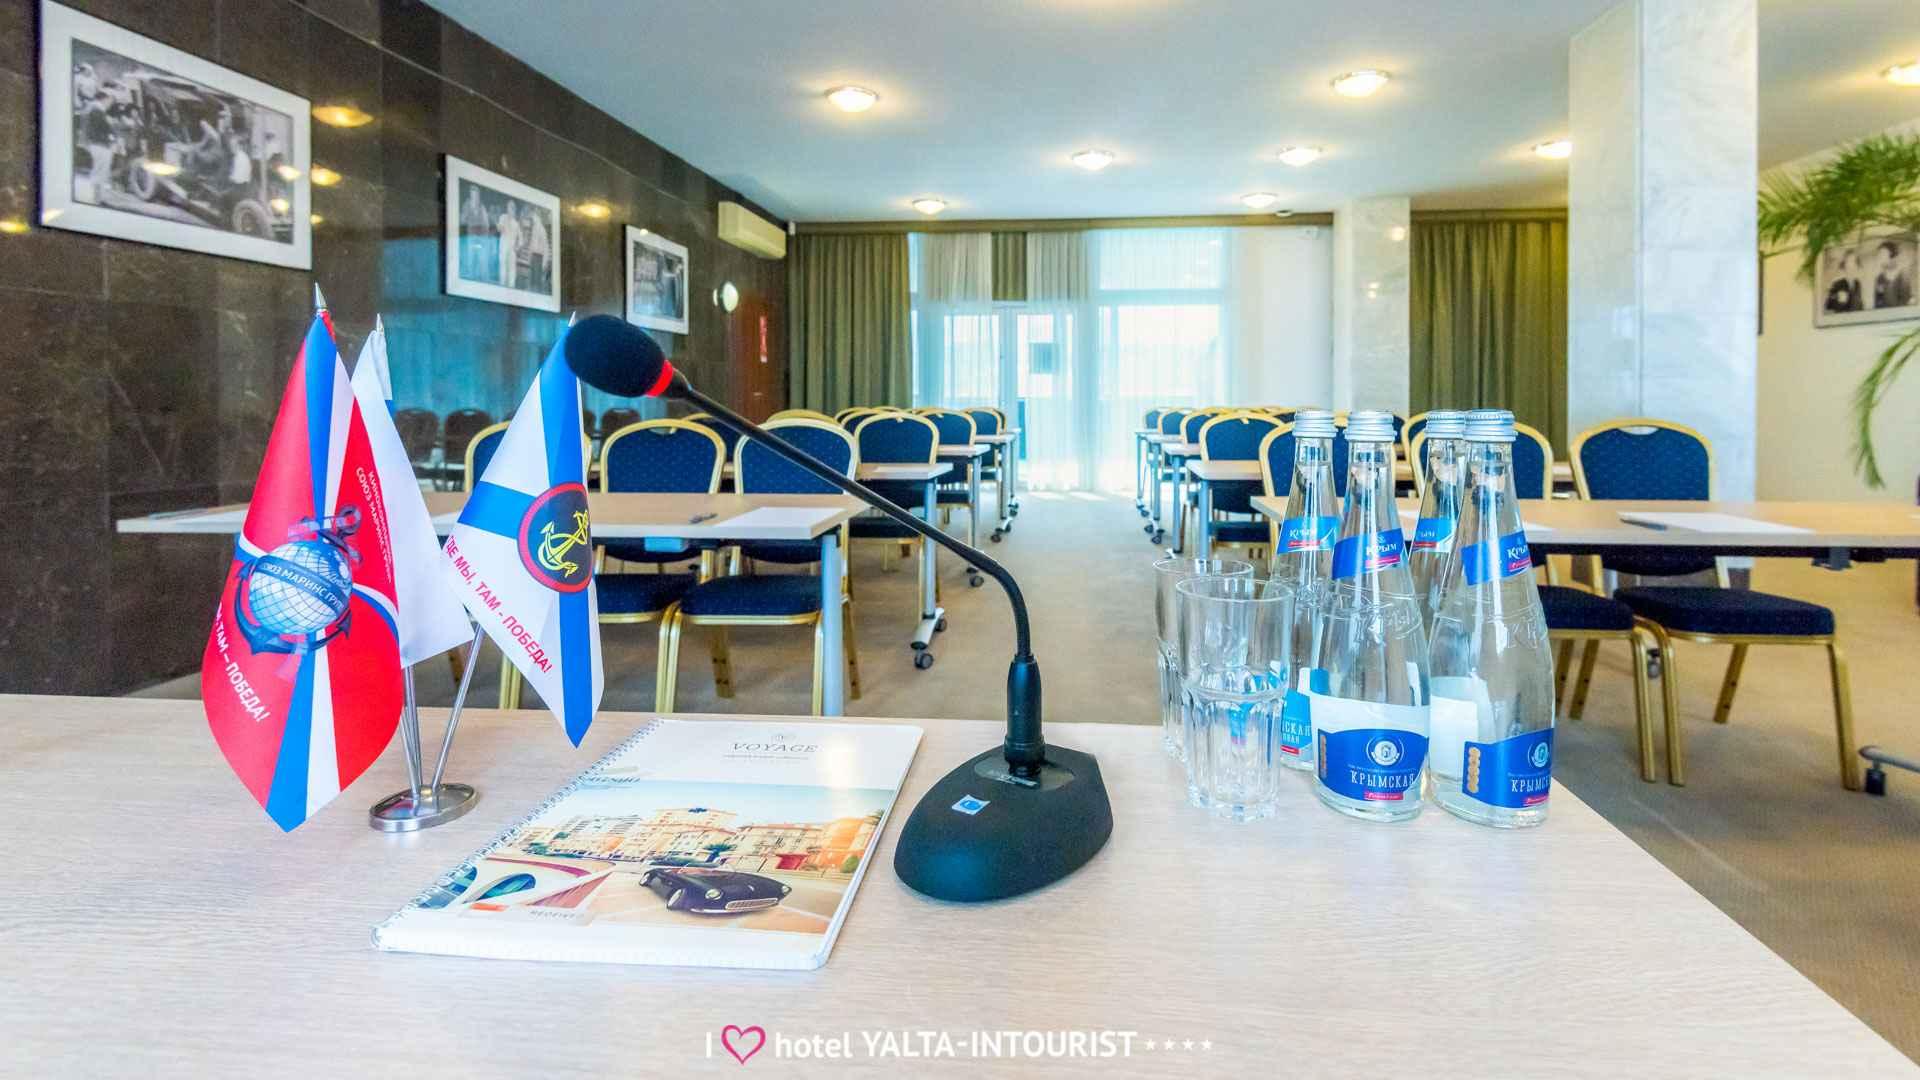 Зал «Олимп» в Отель Yalta Intourist